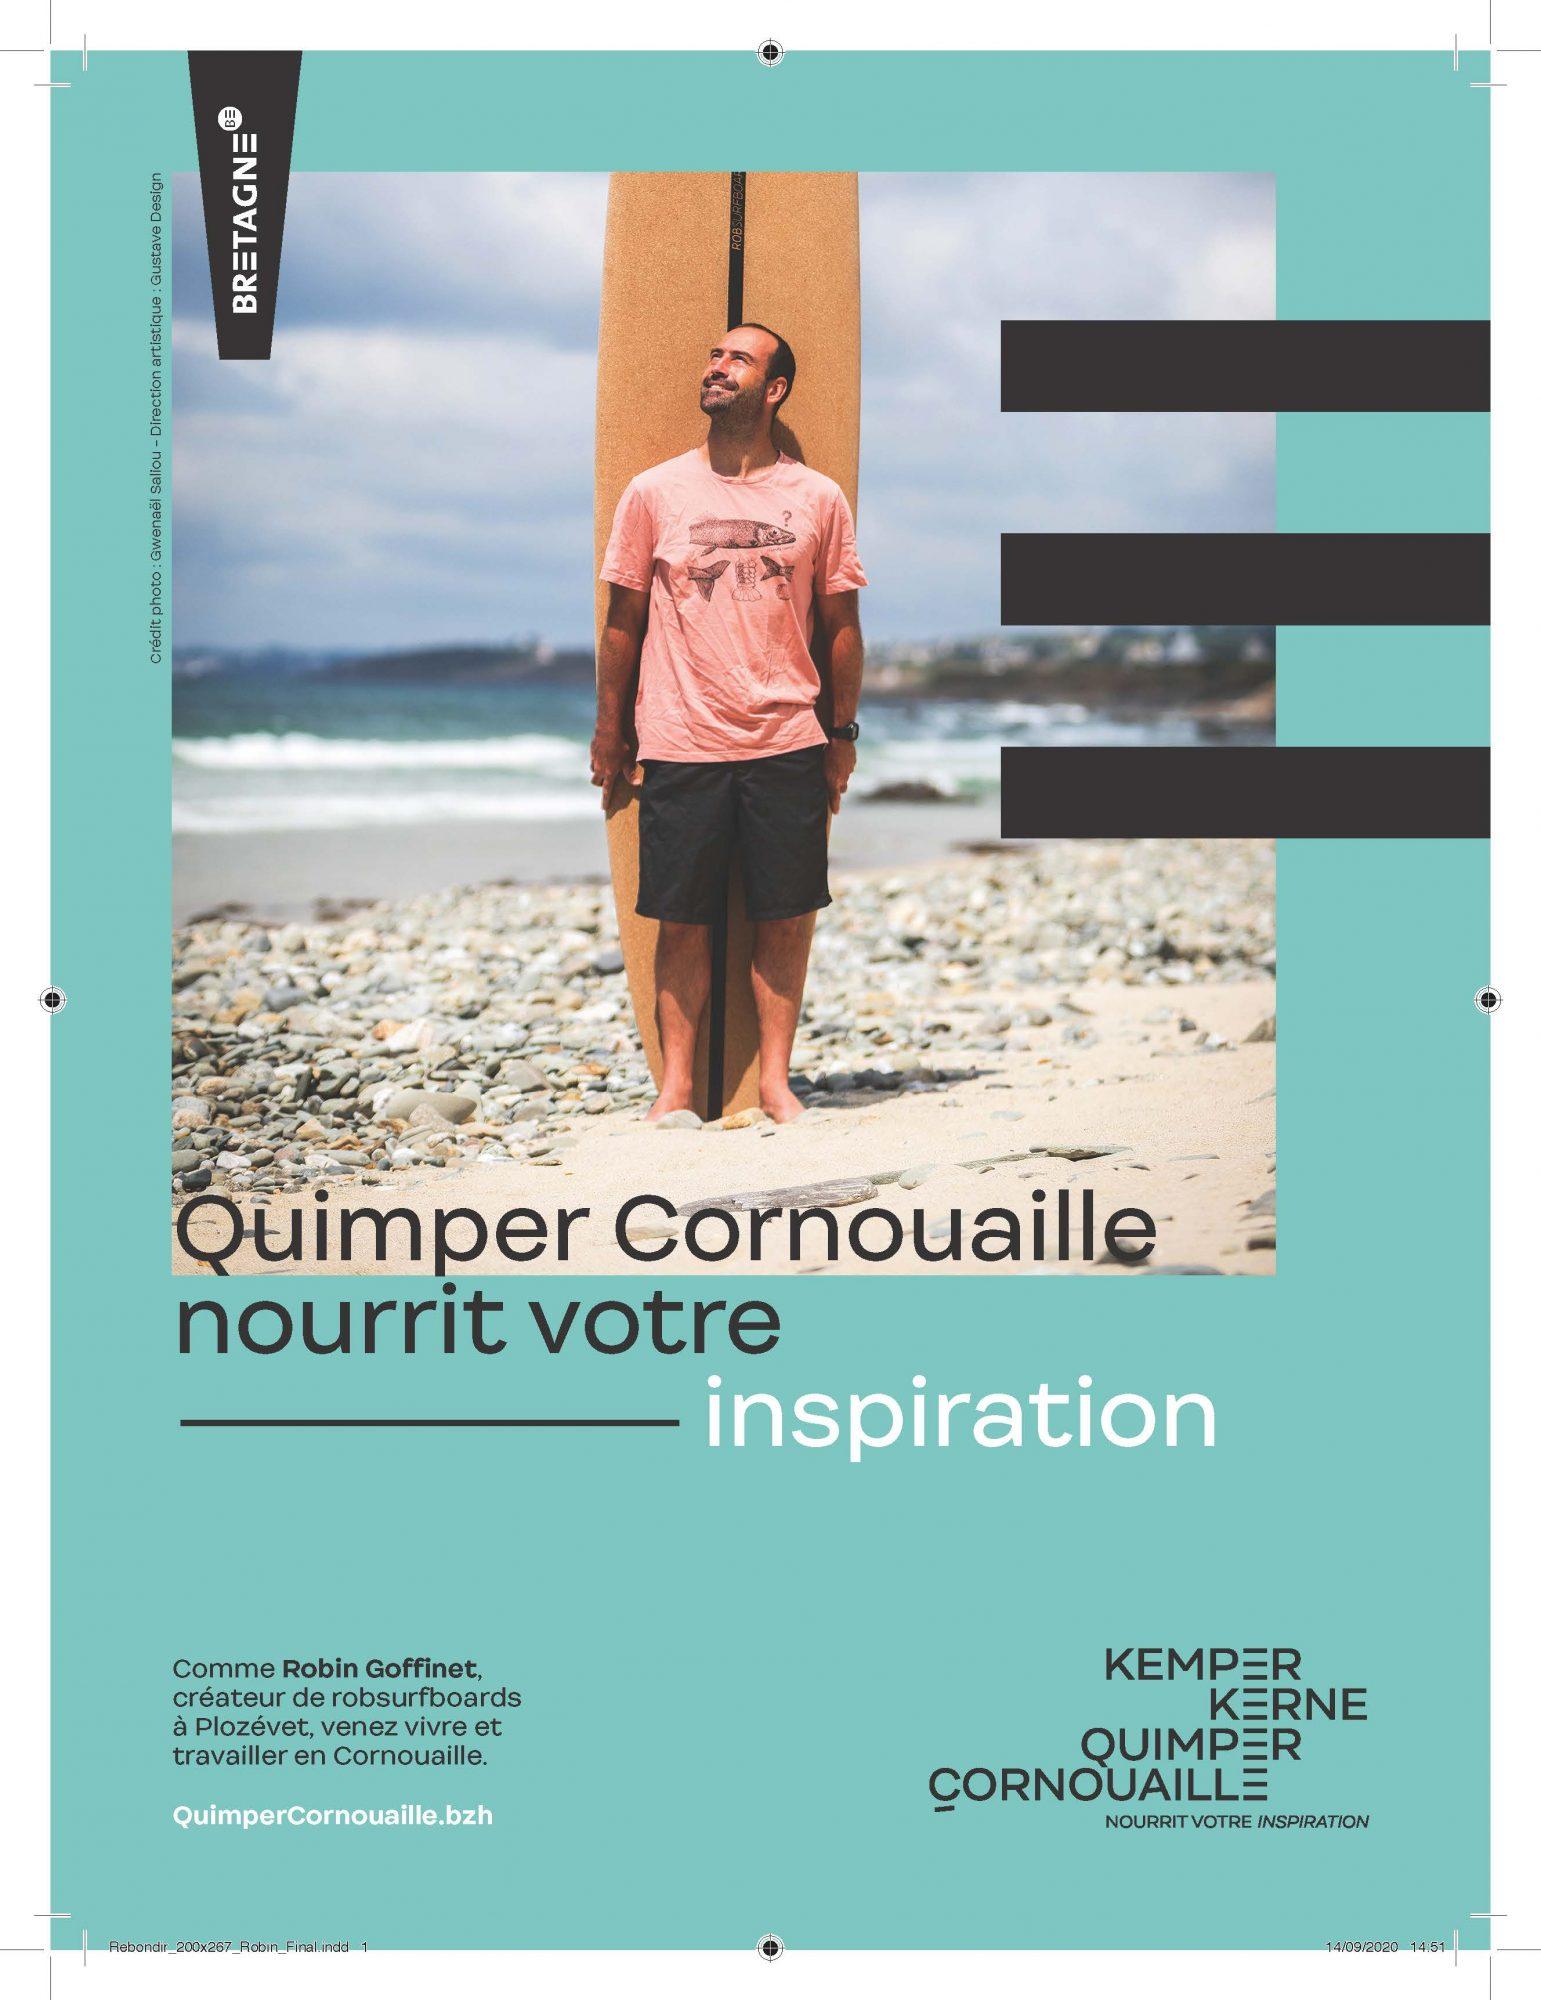 Venez vivre et travailler en Cornouaille, Courrier cadres et Rebondir, Robin Goffinet, robsurfboards, Plozévet